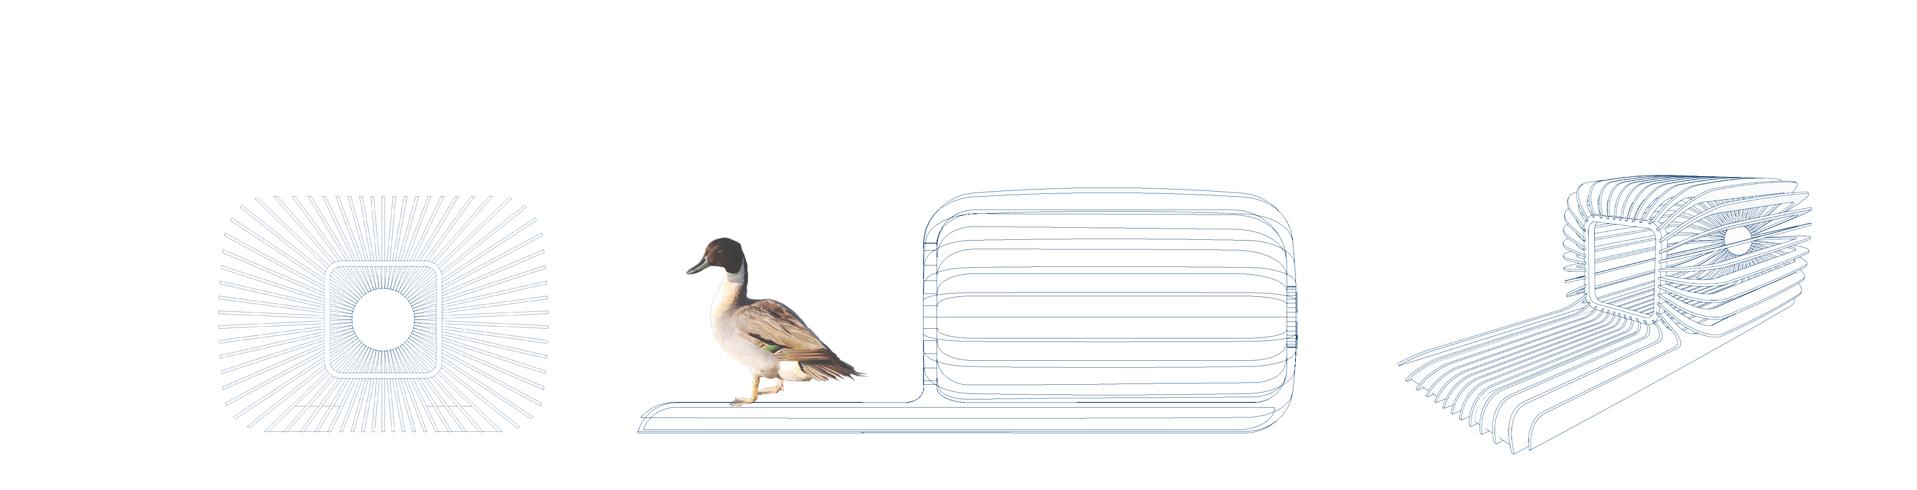 plan nichoir flottant pour canard